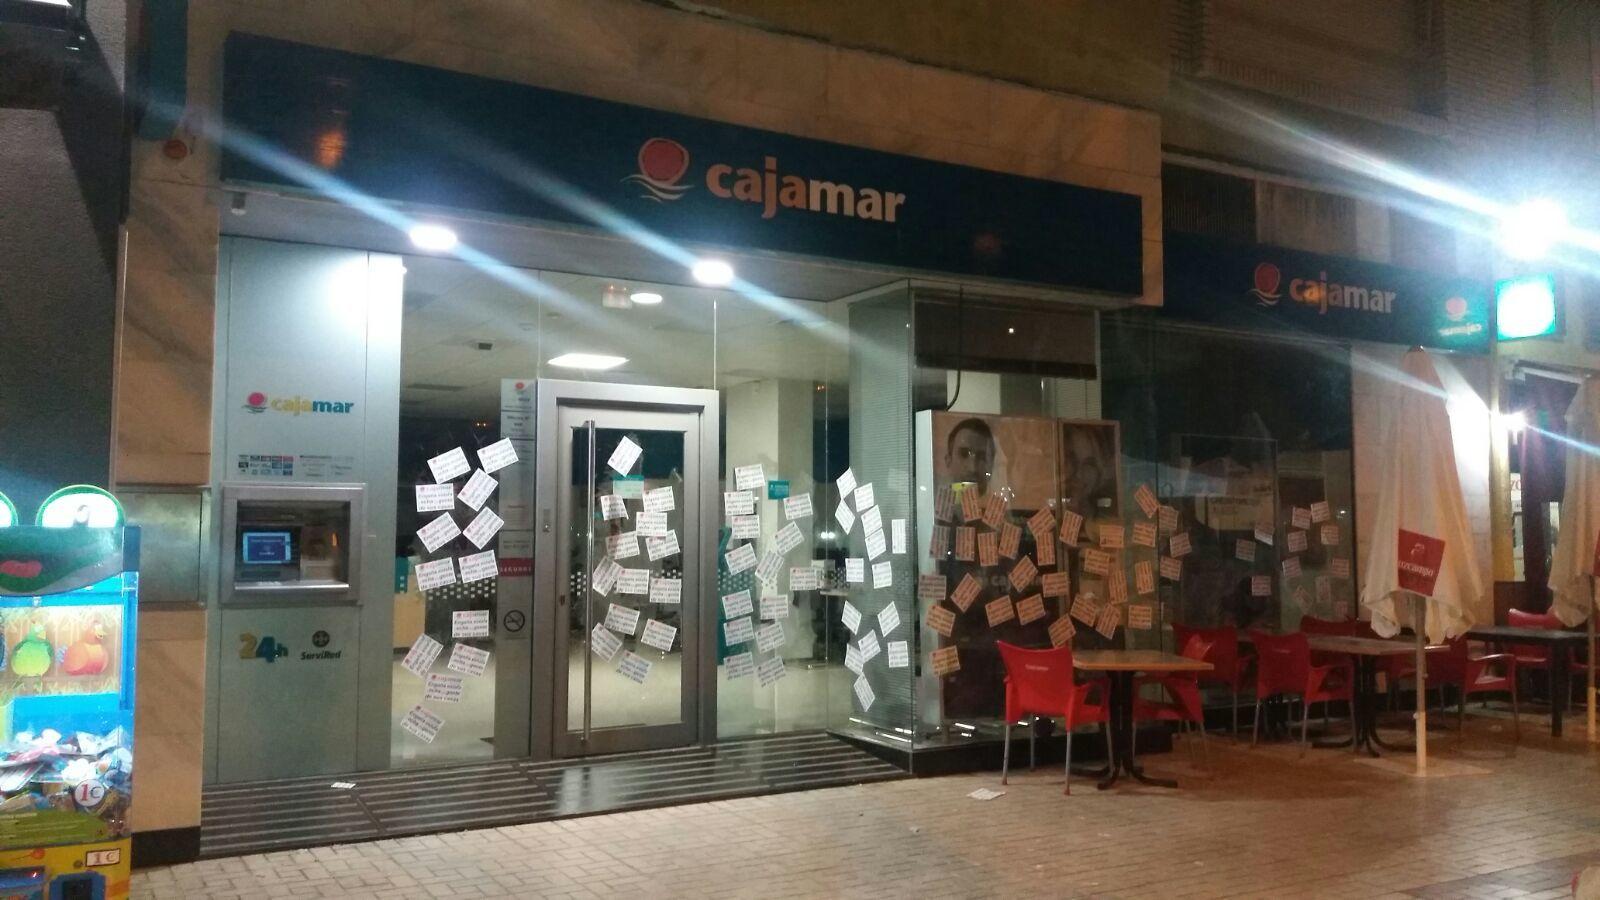 la solidaridad contra cajamar se extiende por m laga